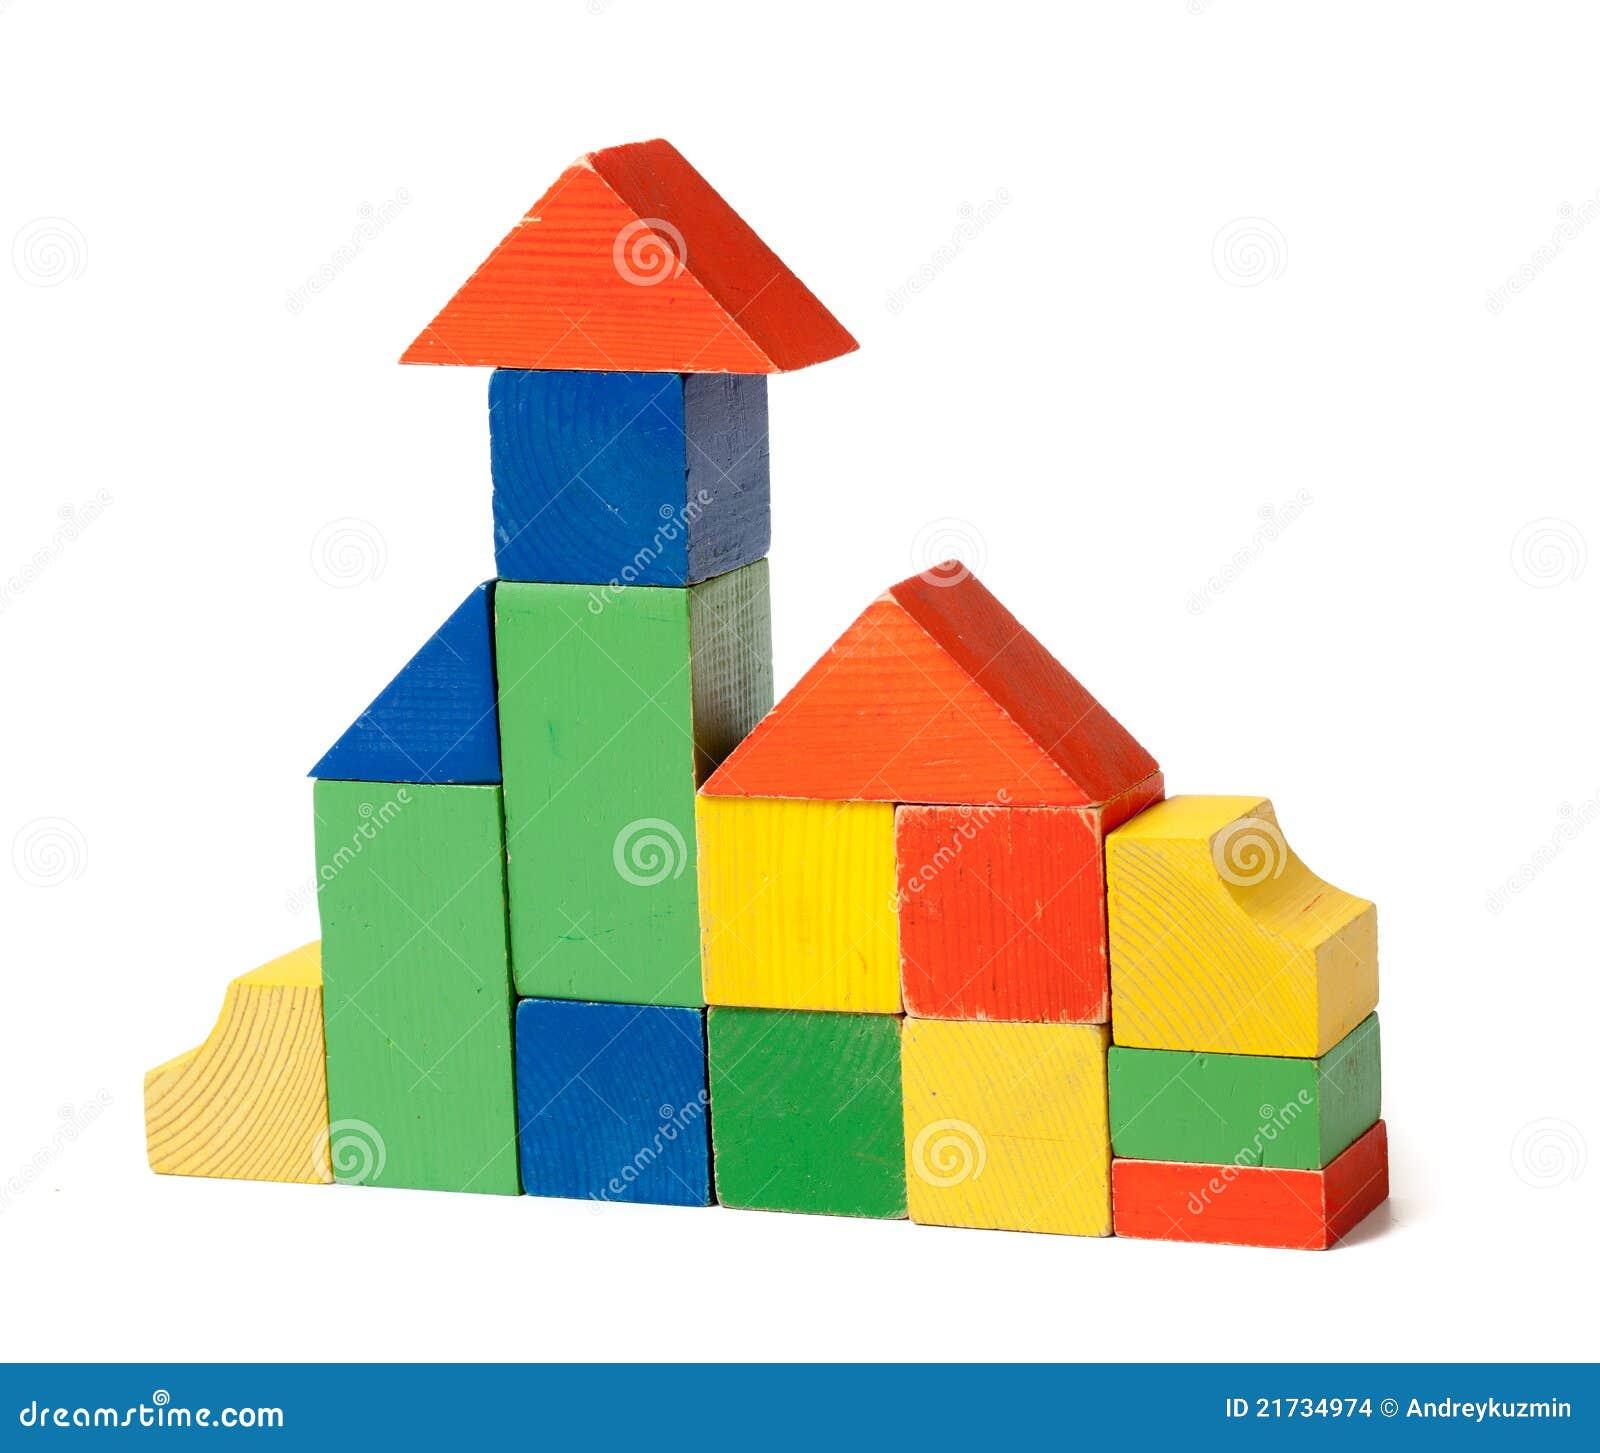 Used Wood Building Blocks